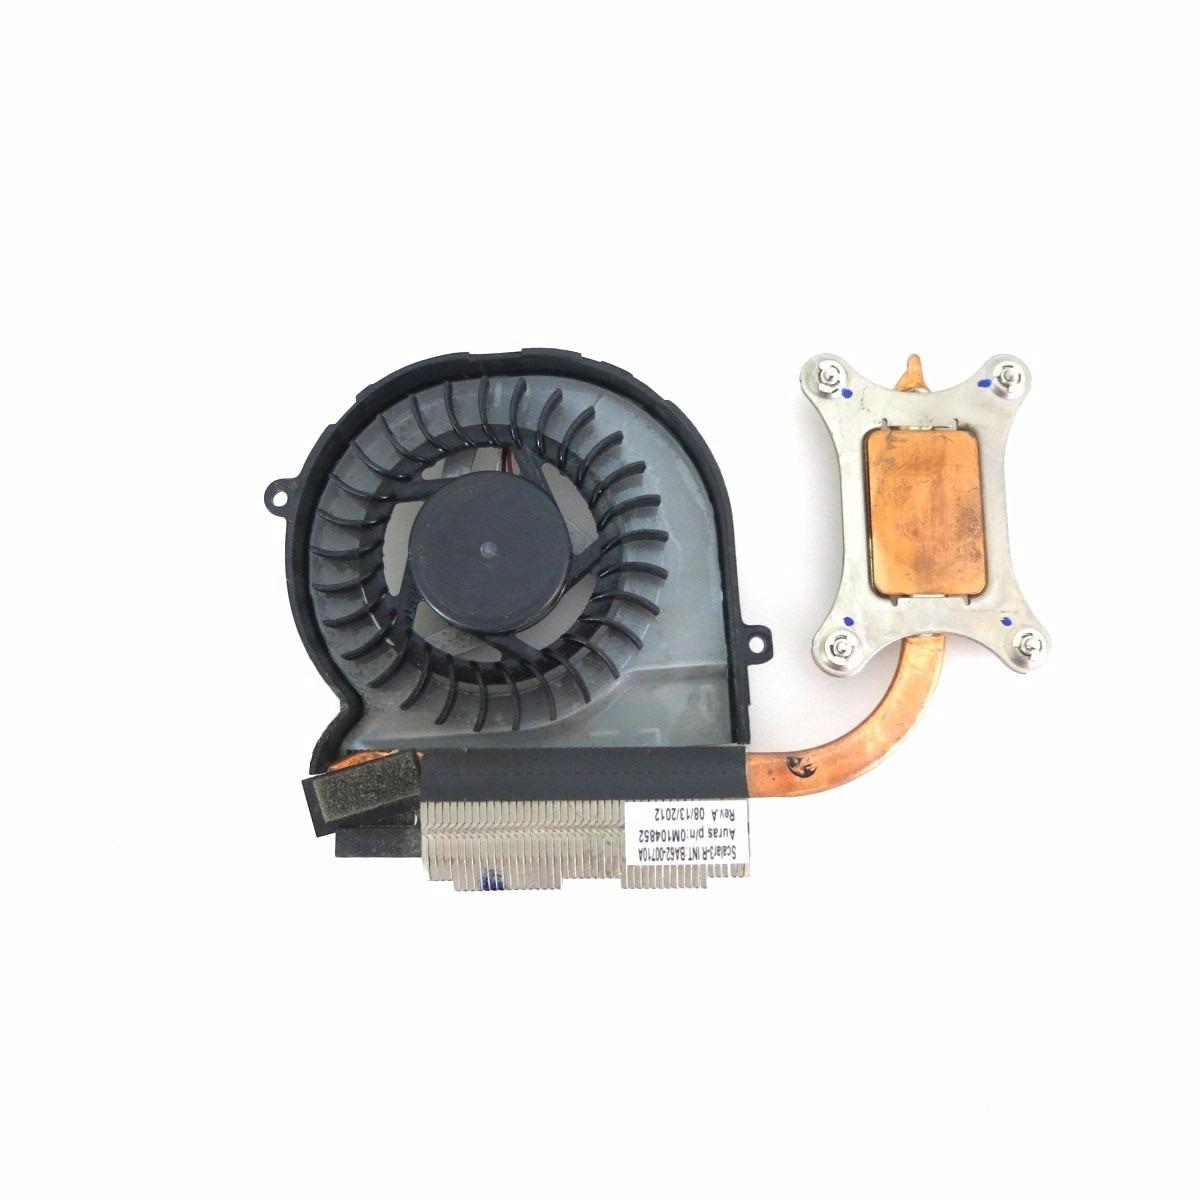 Cooler e Dissipador P/ Notebook Samsung NP300 BA62-00710A